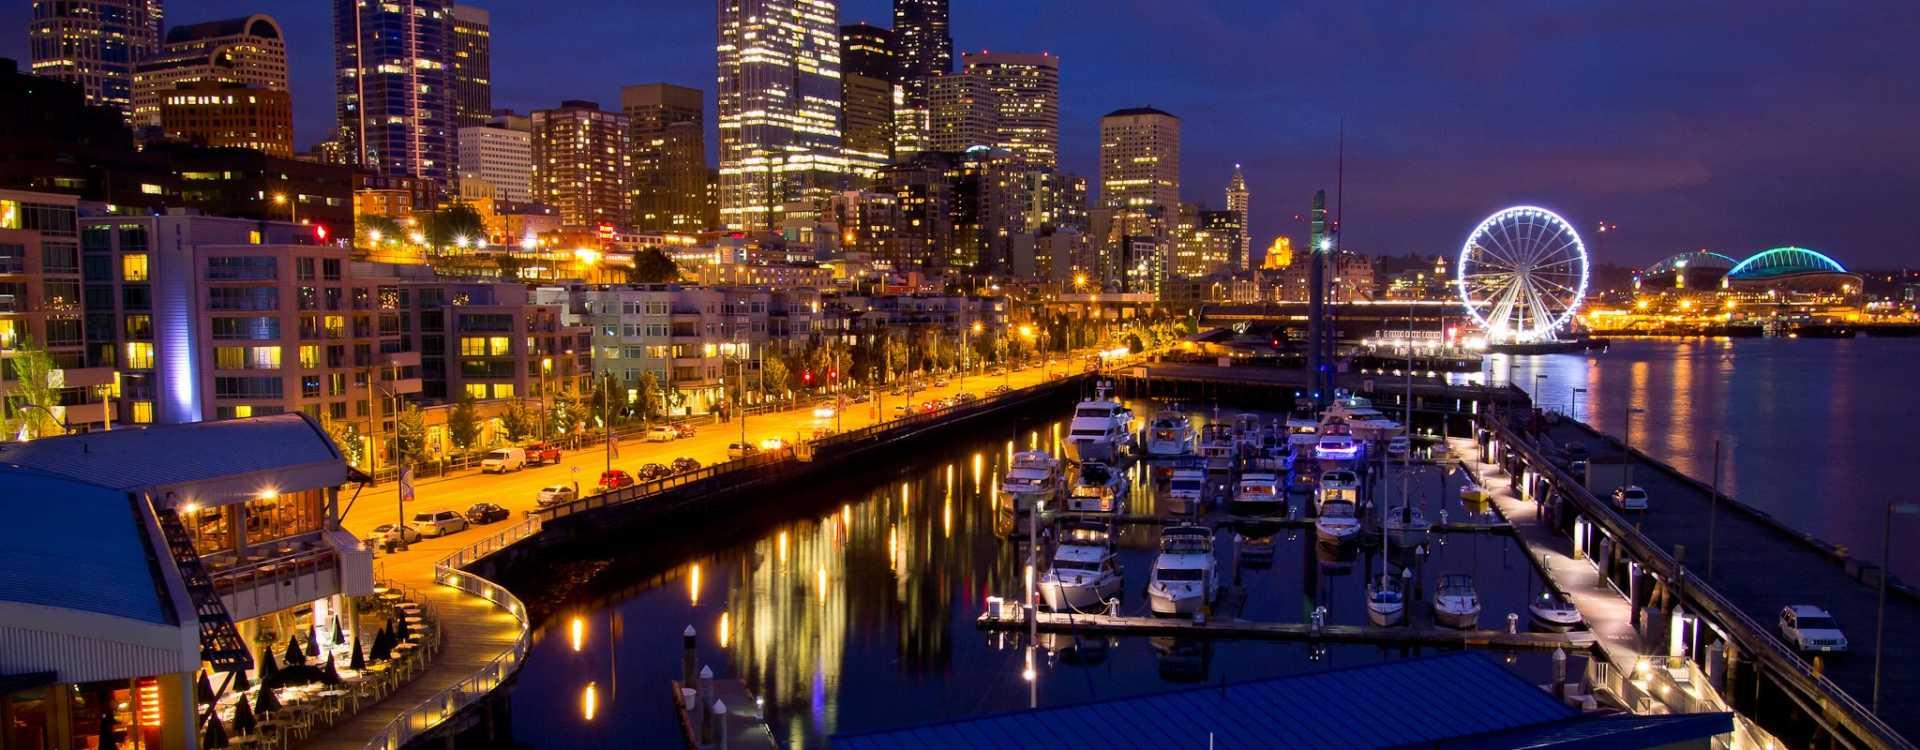 Seattle_Great_Wheel-3.jpg